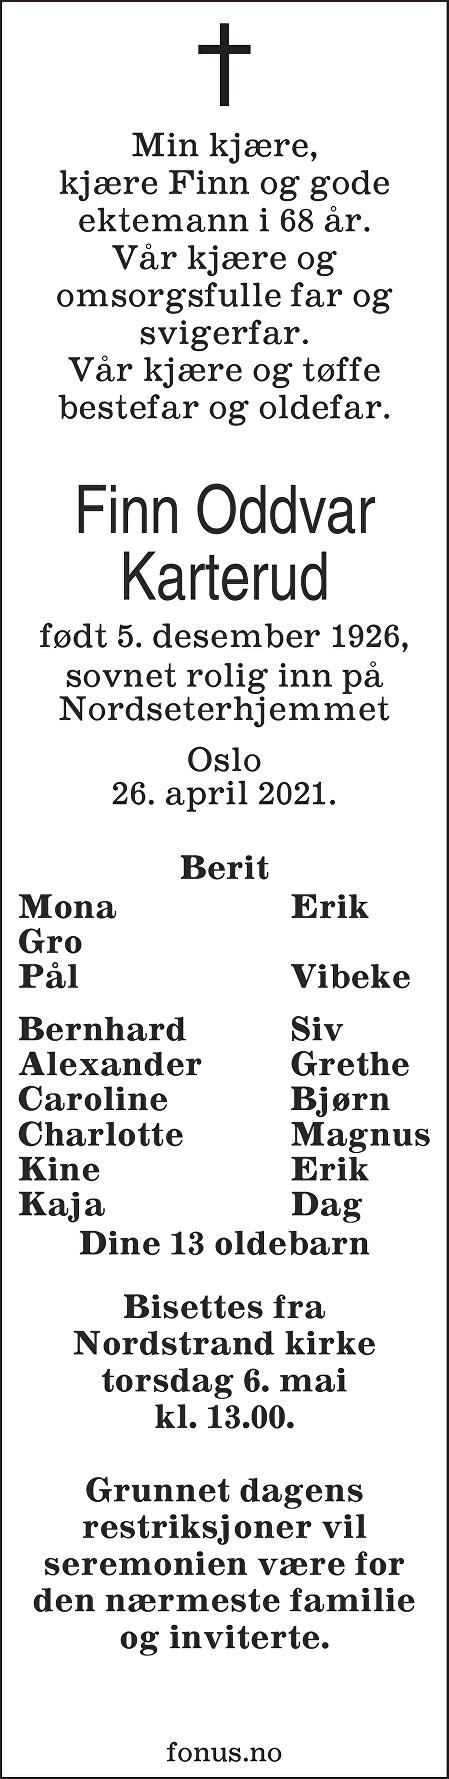 Finn Oddvar Karterud Dødsannonse